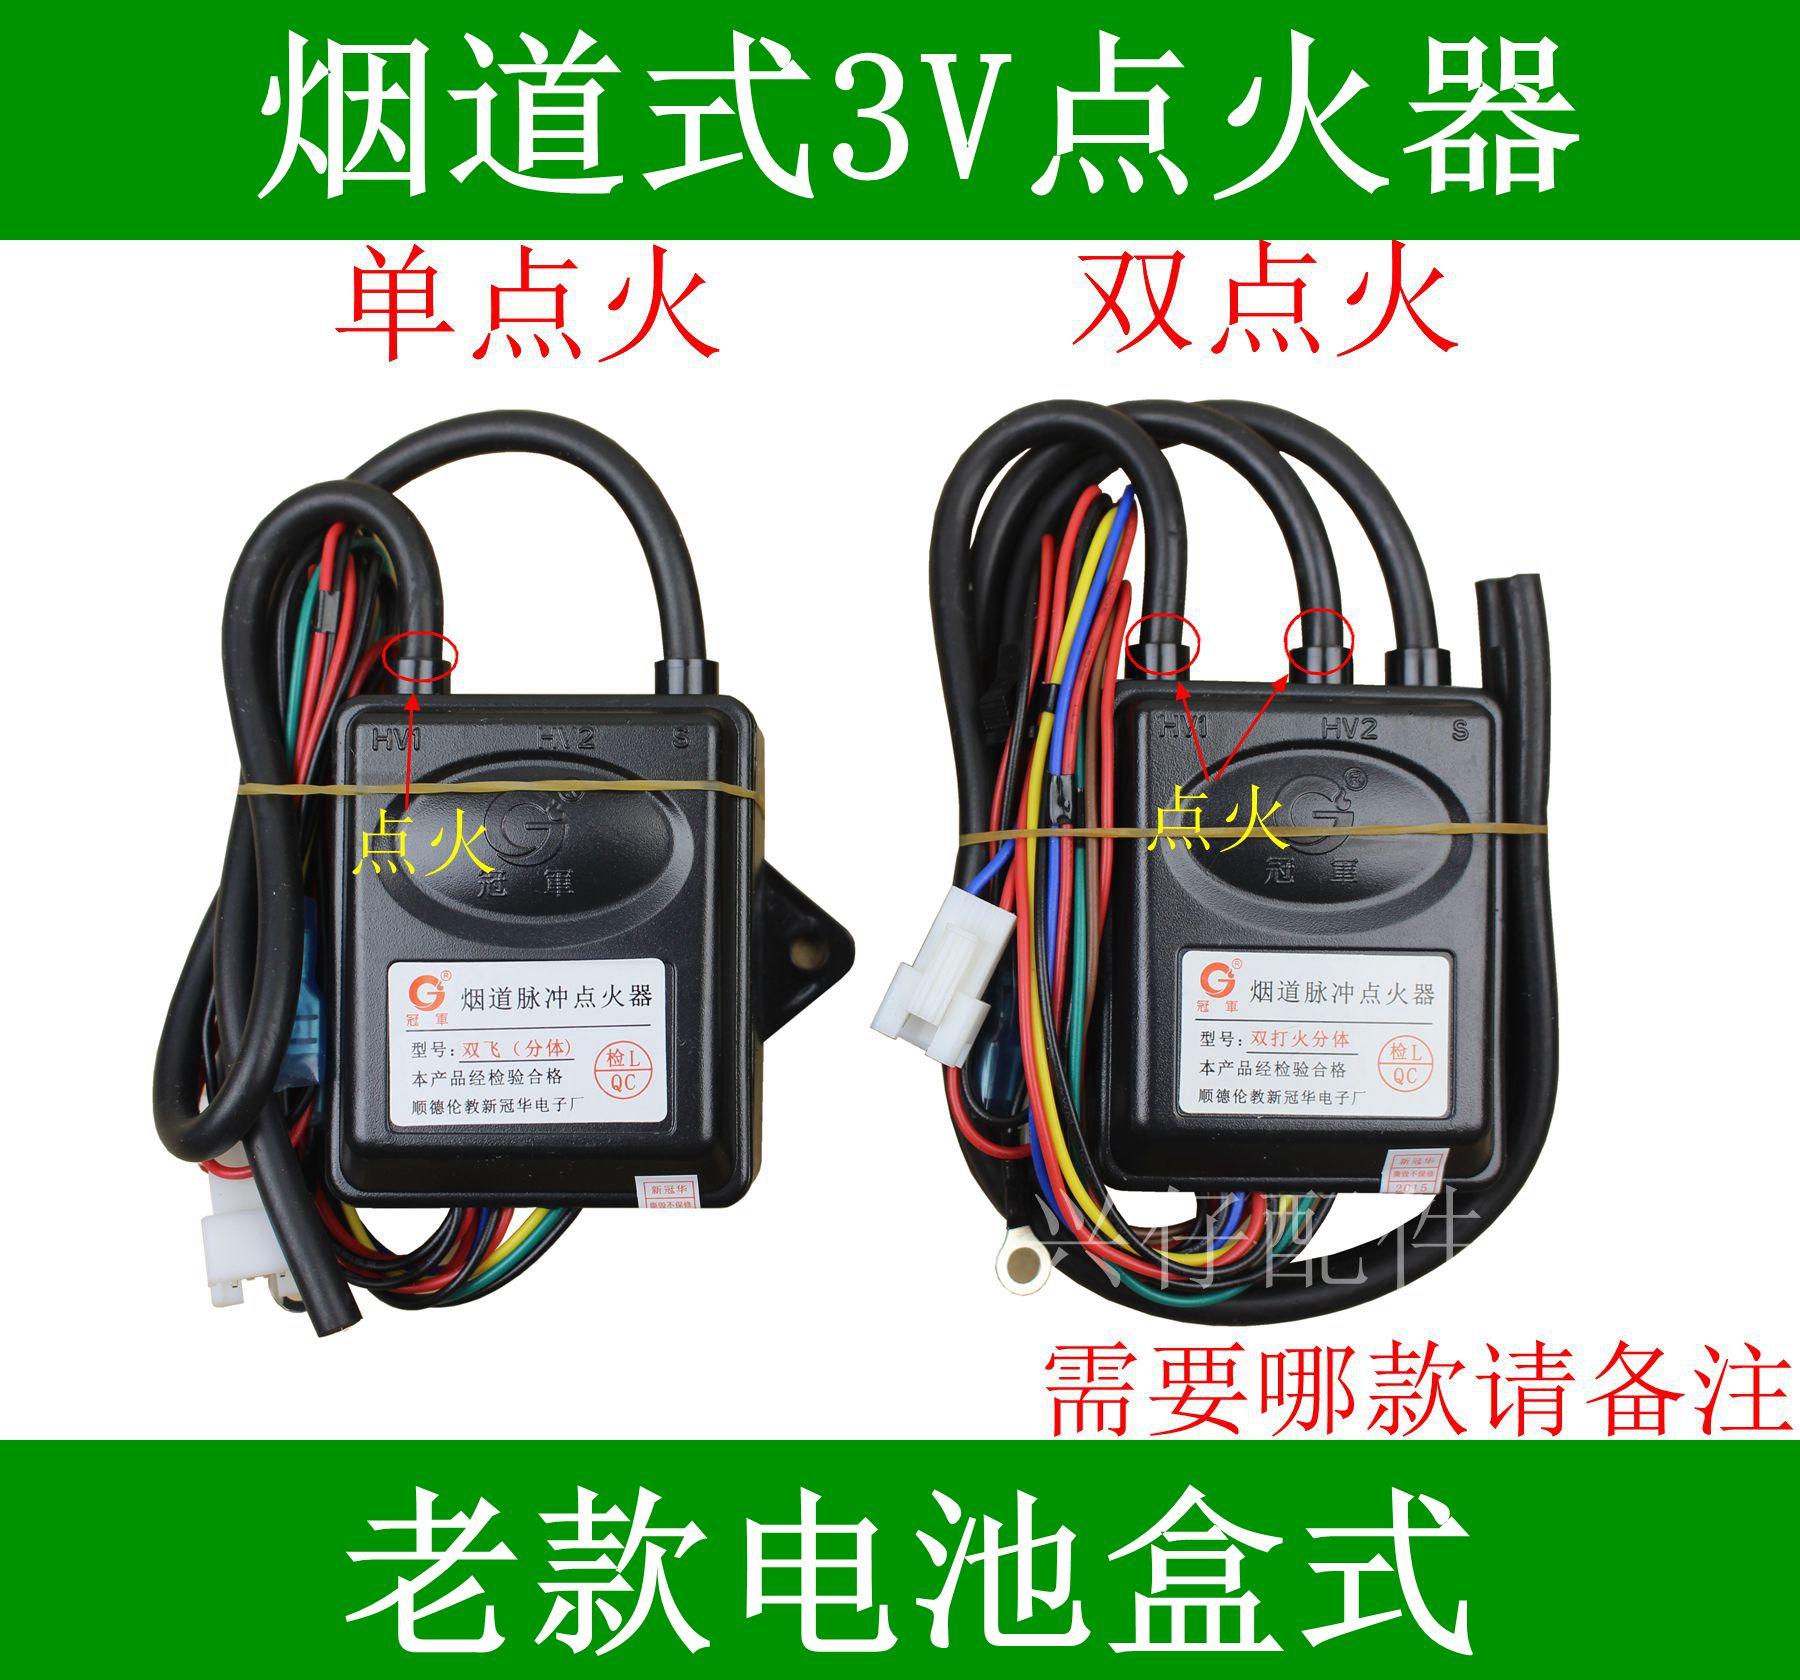 万和烟道式配件热水器燃气点火控制器JSD14-7B/16-8C/DHS-I6脉冲